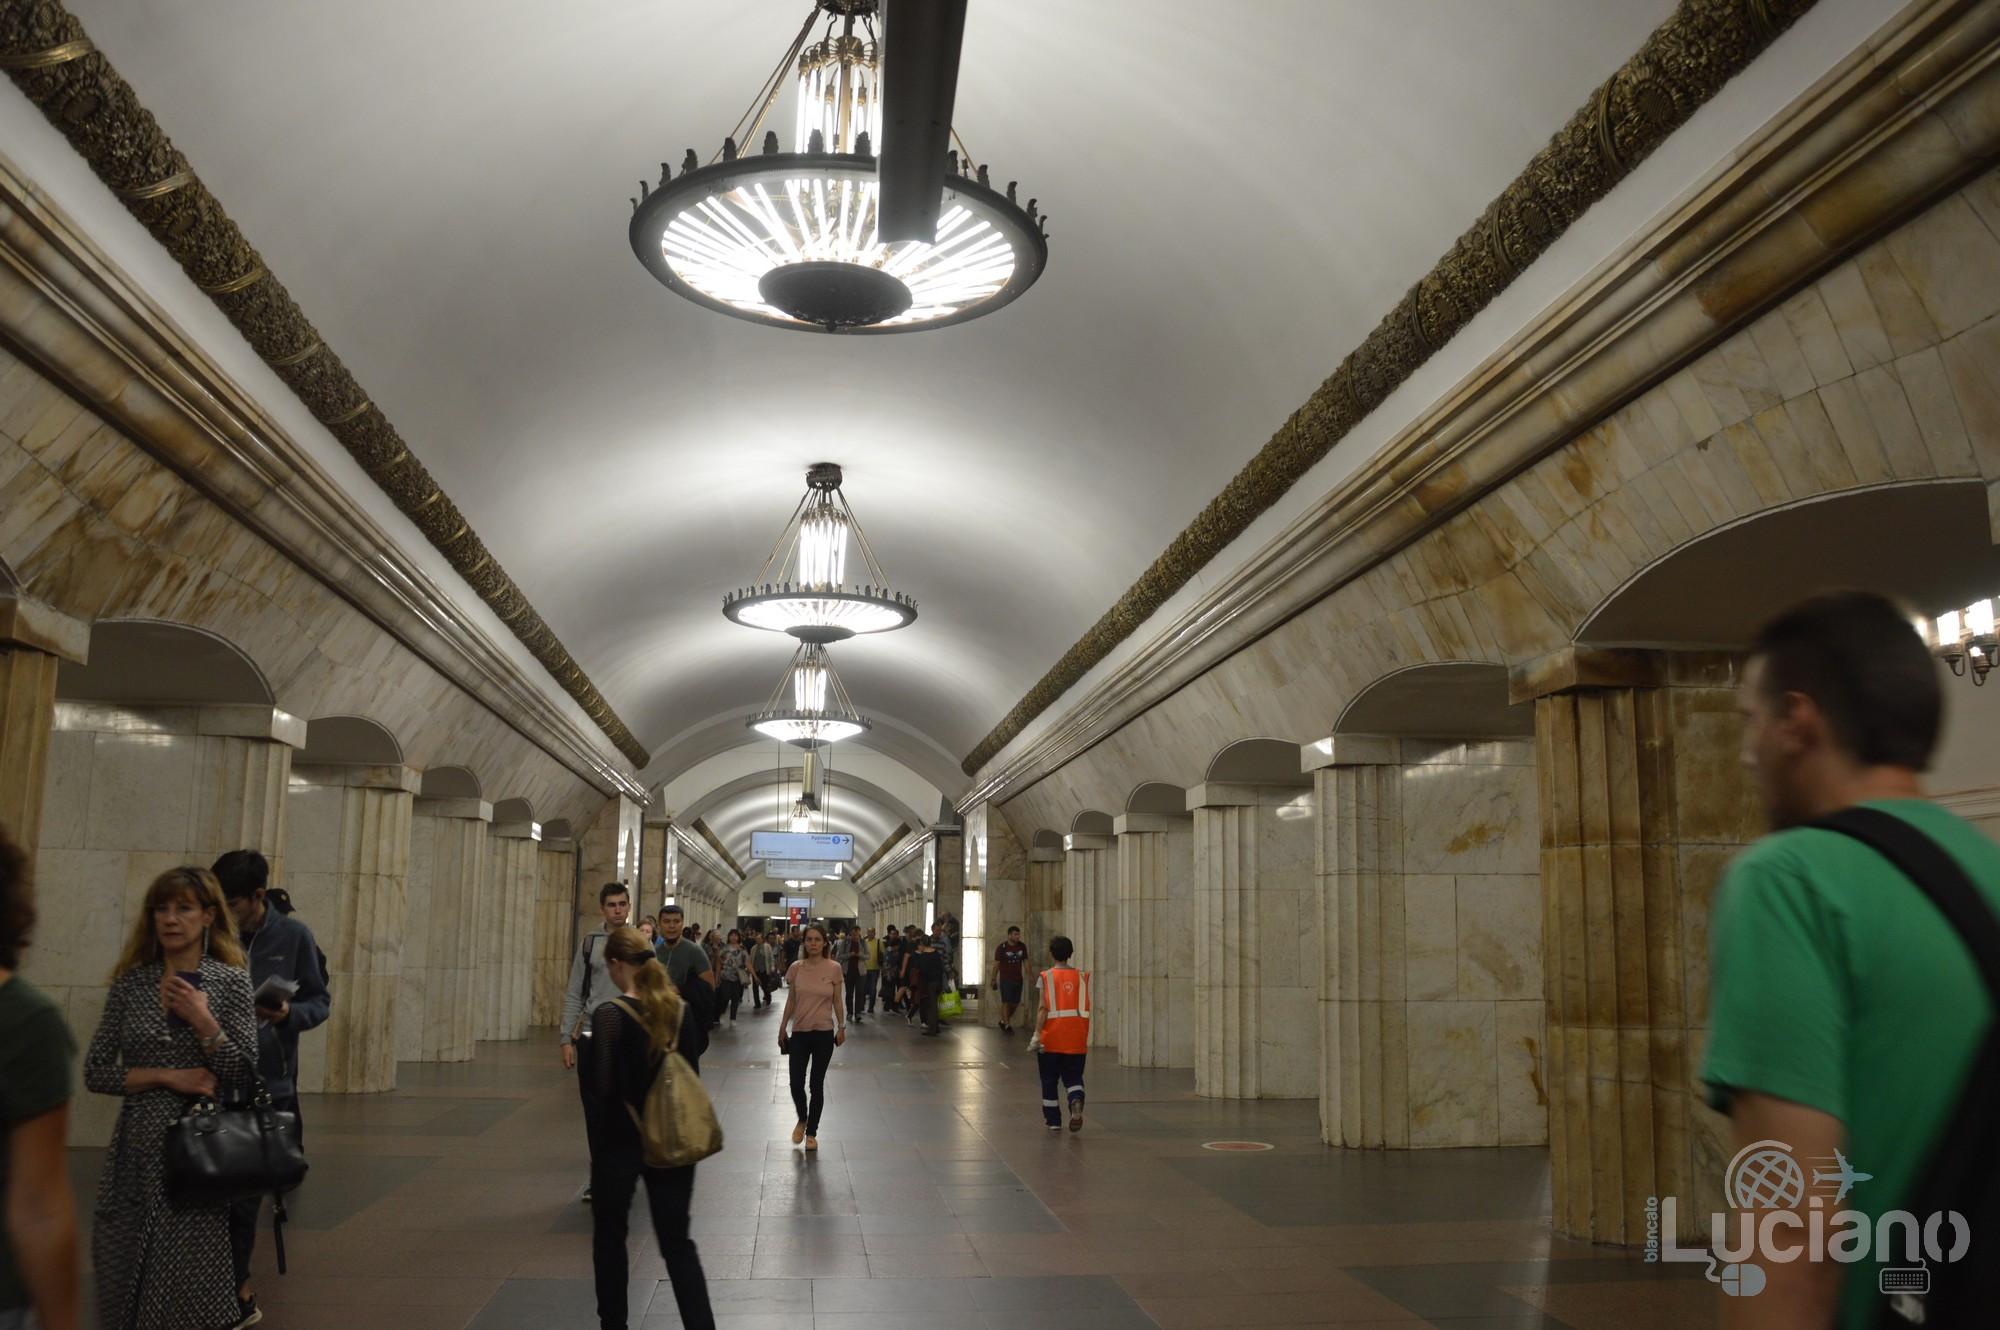 metropolitana-5-circolare-mosca-luciano-blancato (16)